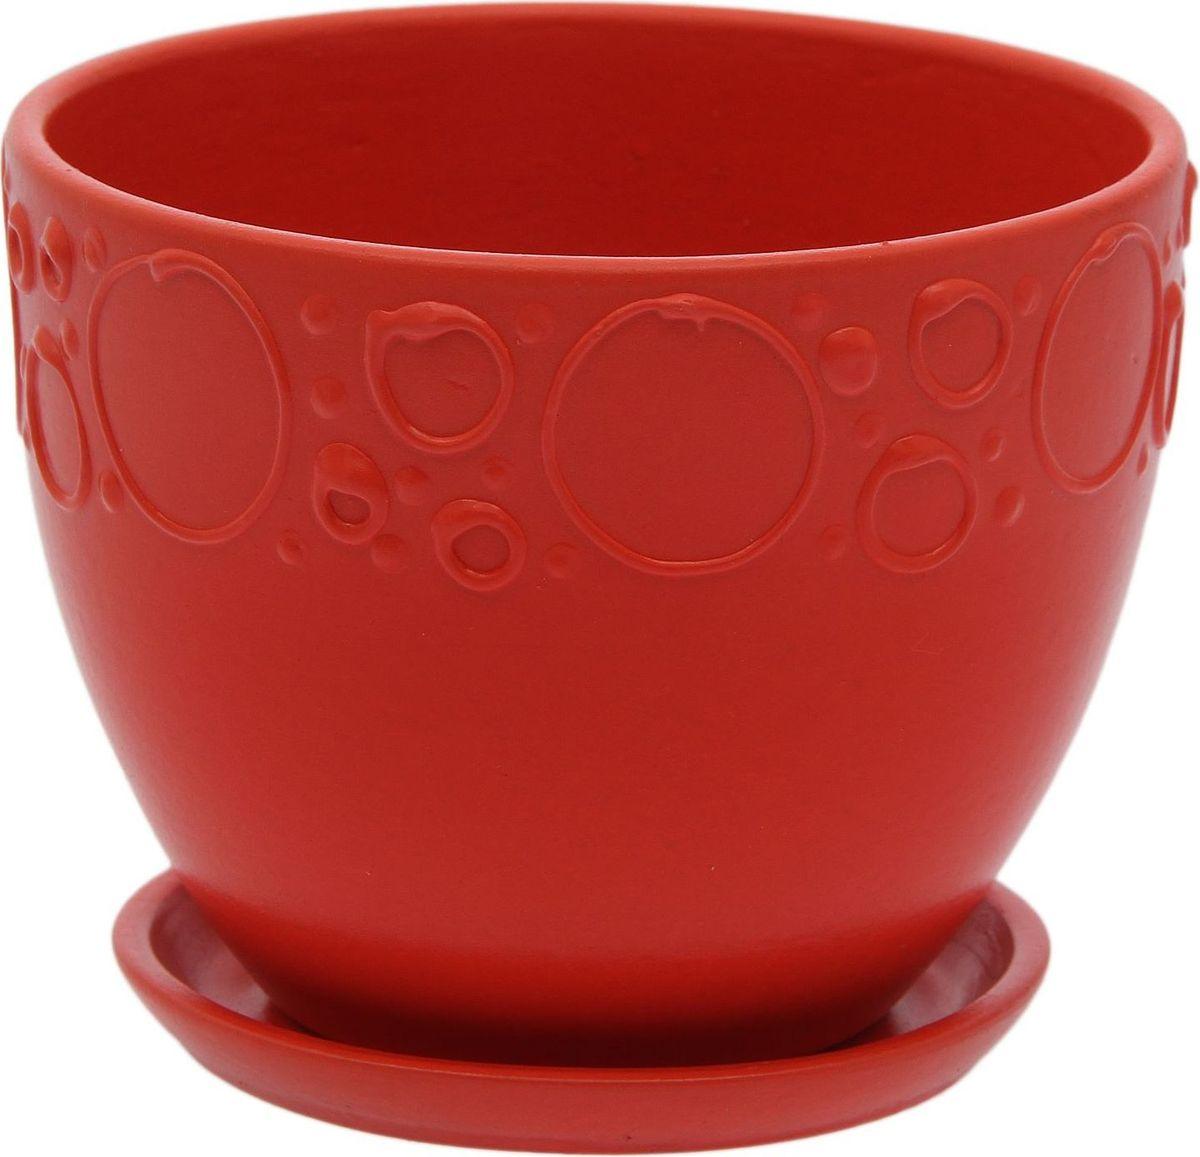 Кашпо Пузыри, цвет: красный, 2,6 л2015534Комнатные растения — всеобщие любимцы. Они радуют глаз, насыщают помещение кислородом и украшают пространство. Каждому из них необходим свой удобный и красивый дом. Кашпо из керамики прекрасно подходят для высадки растений: за счёт пластичности глины и разных способов обработки существует великое множество форм и дизайновпористый материал позволяет испаряться лишней влагевоздух, необходимый для дыхания корней, проникает сквозь керамические стенки! #name# позаботится о зелёном питомце, освежит интерьер и подчеркнёт его стиль.